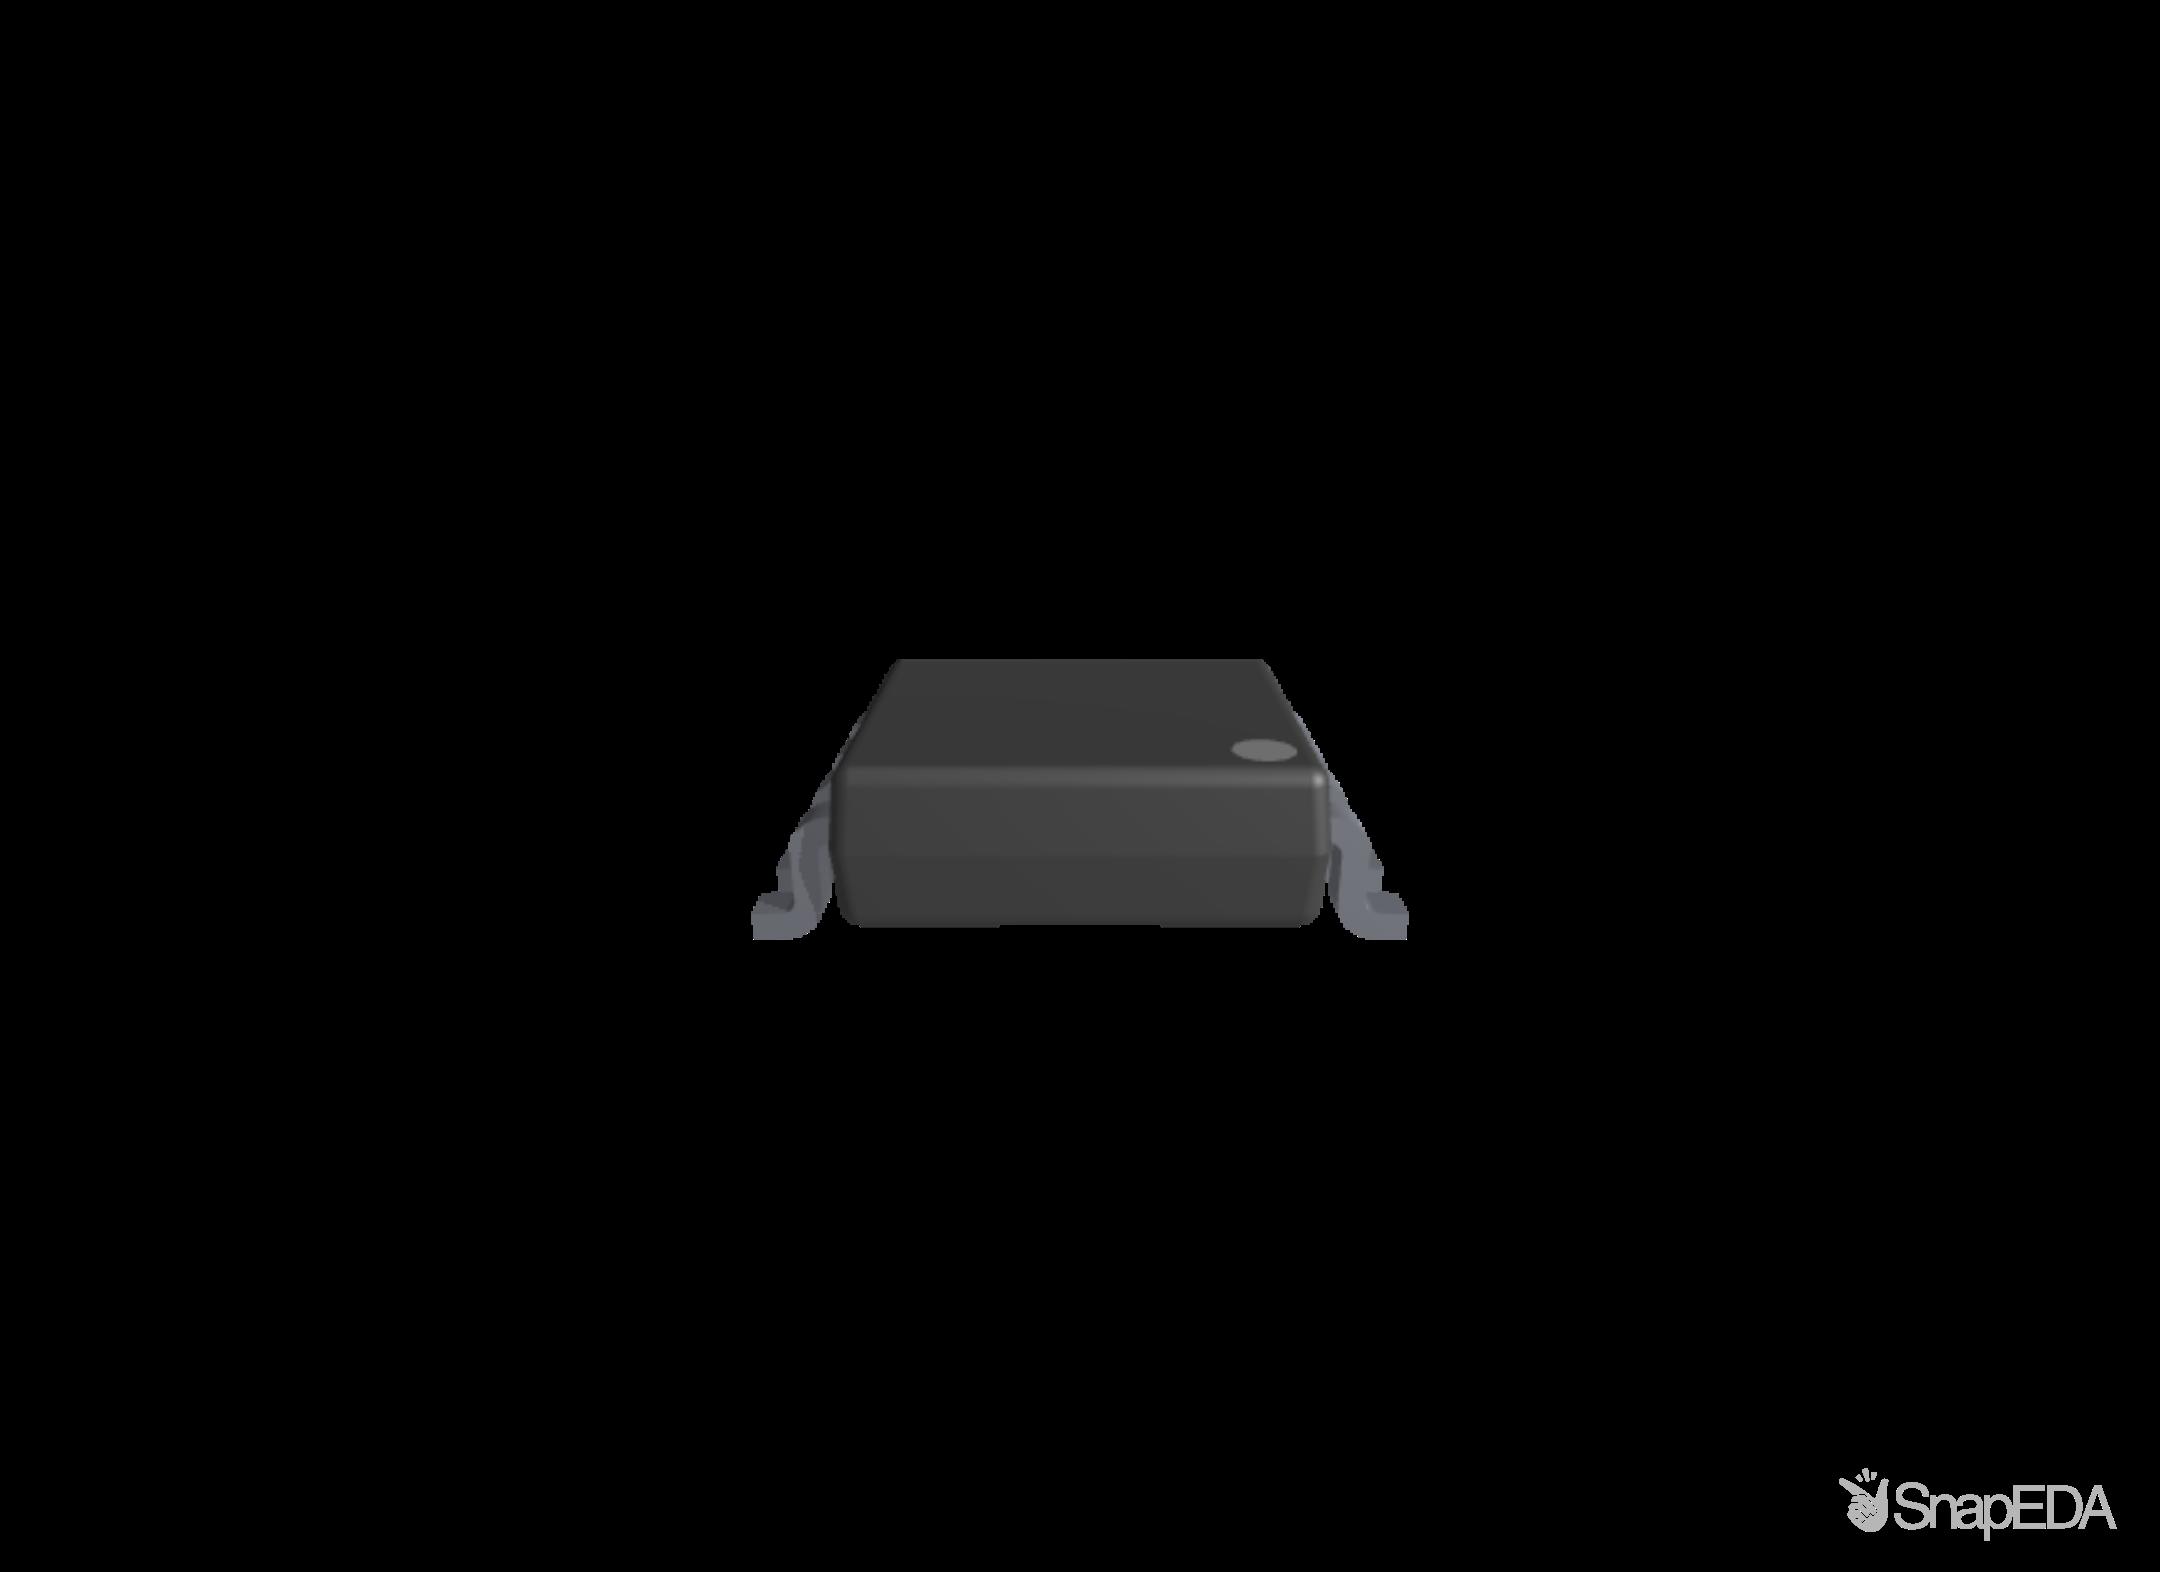 SN74LVC1G123DCUR 3D Model